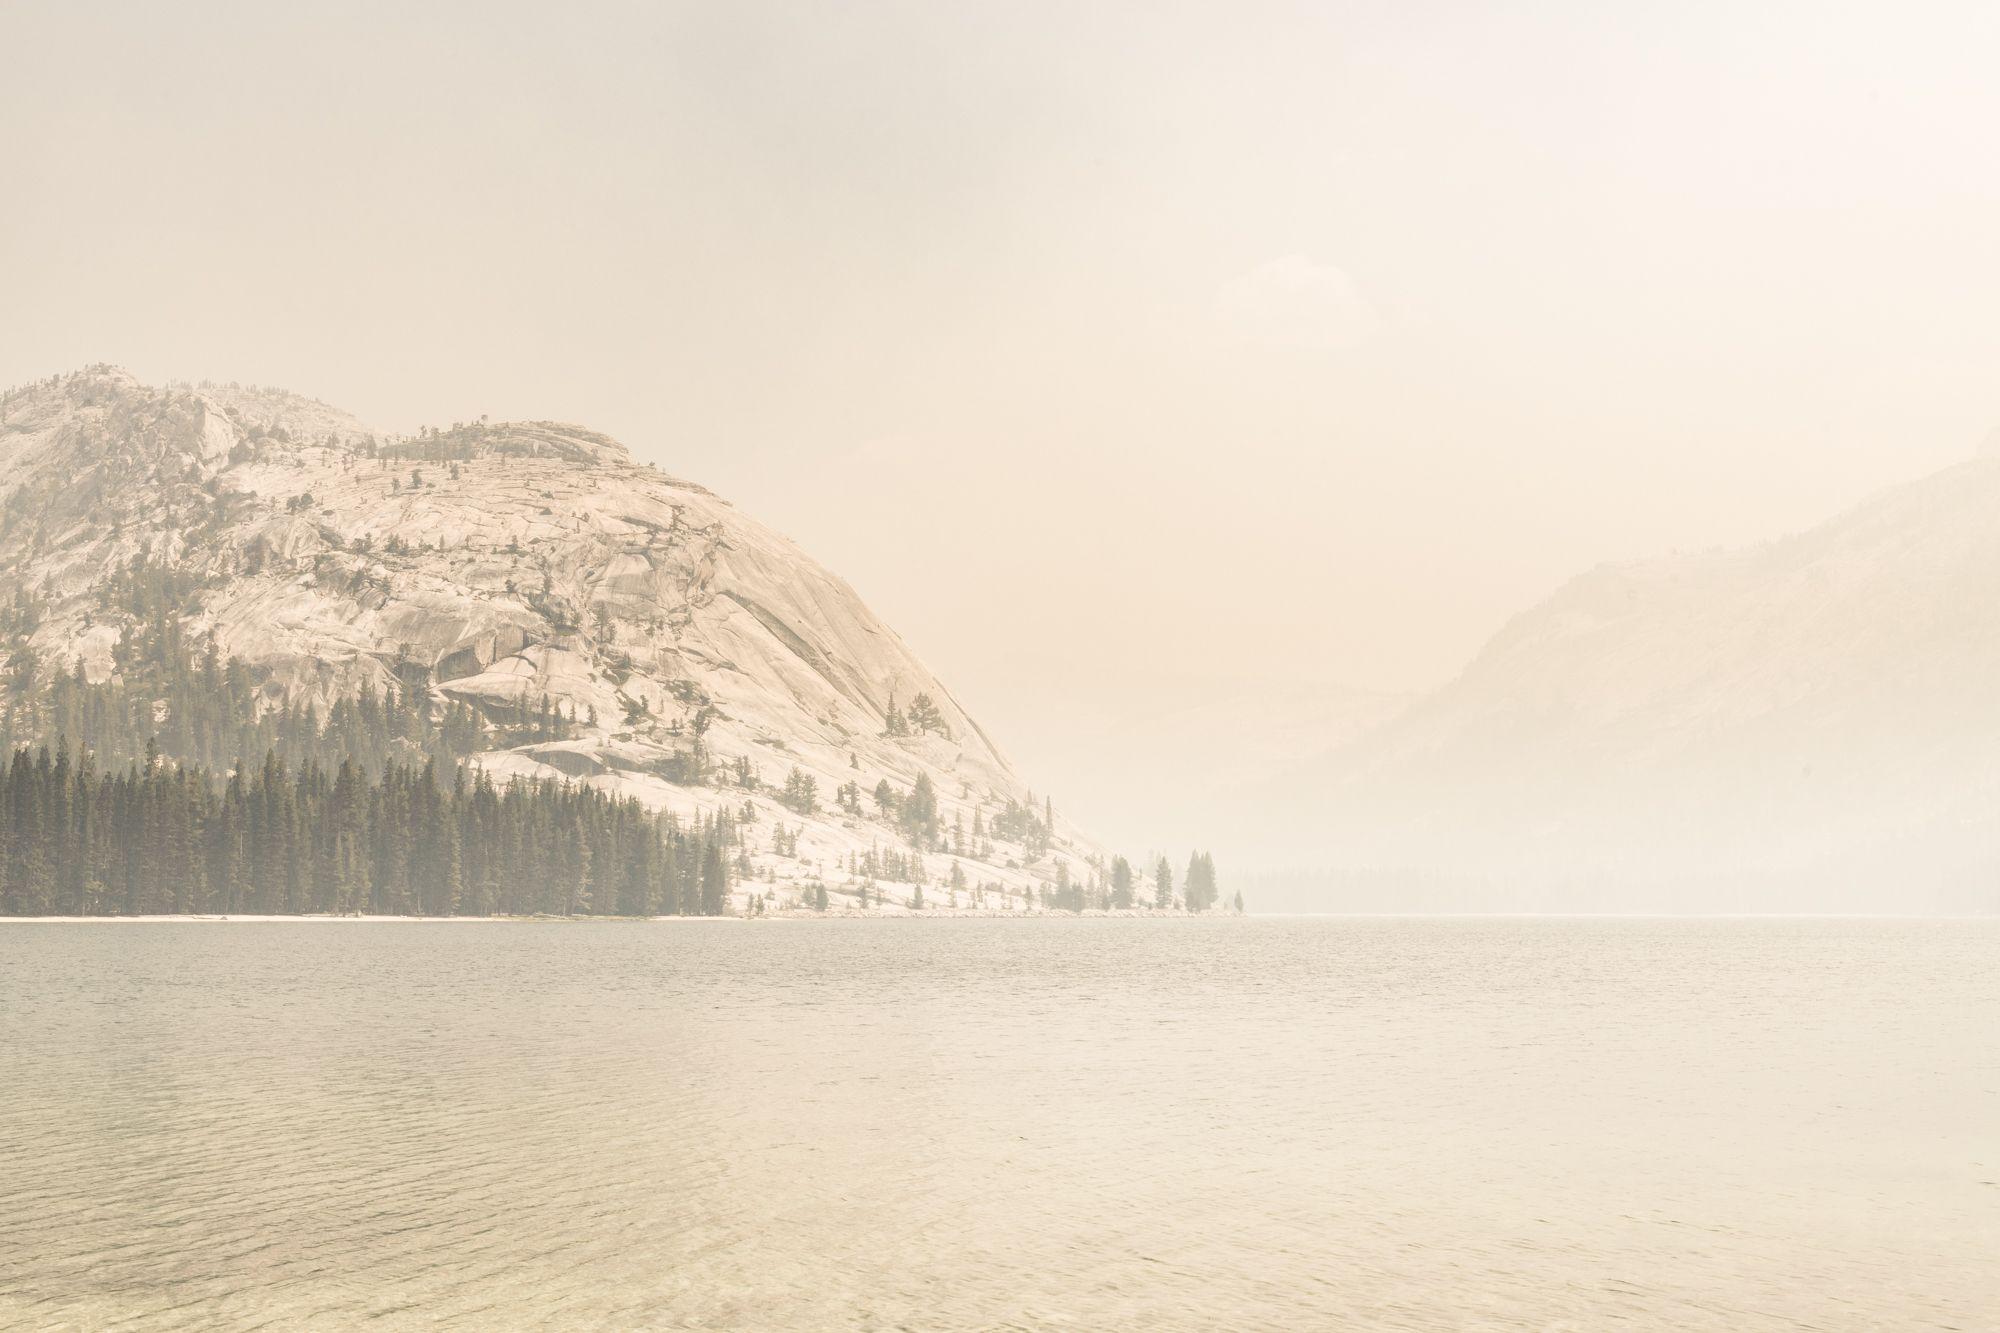 Lake_Tenaya4.jpg